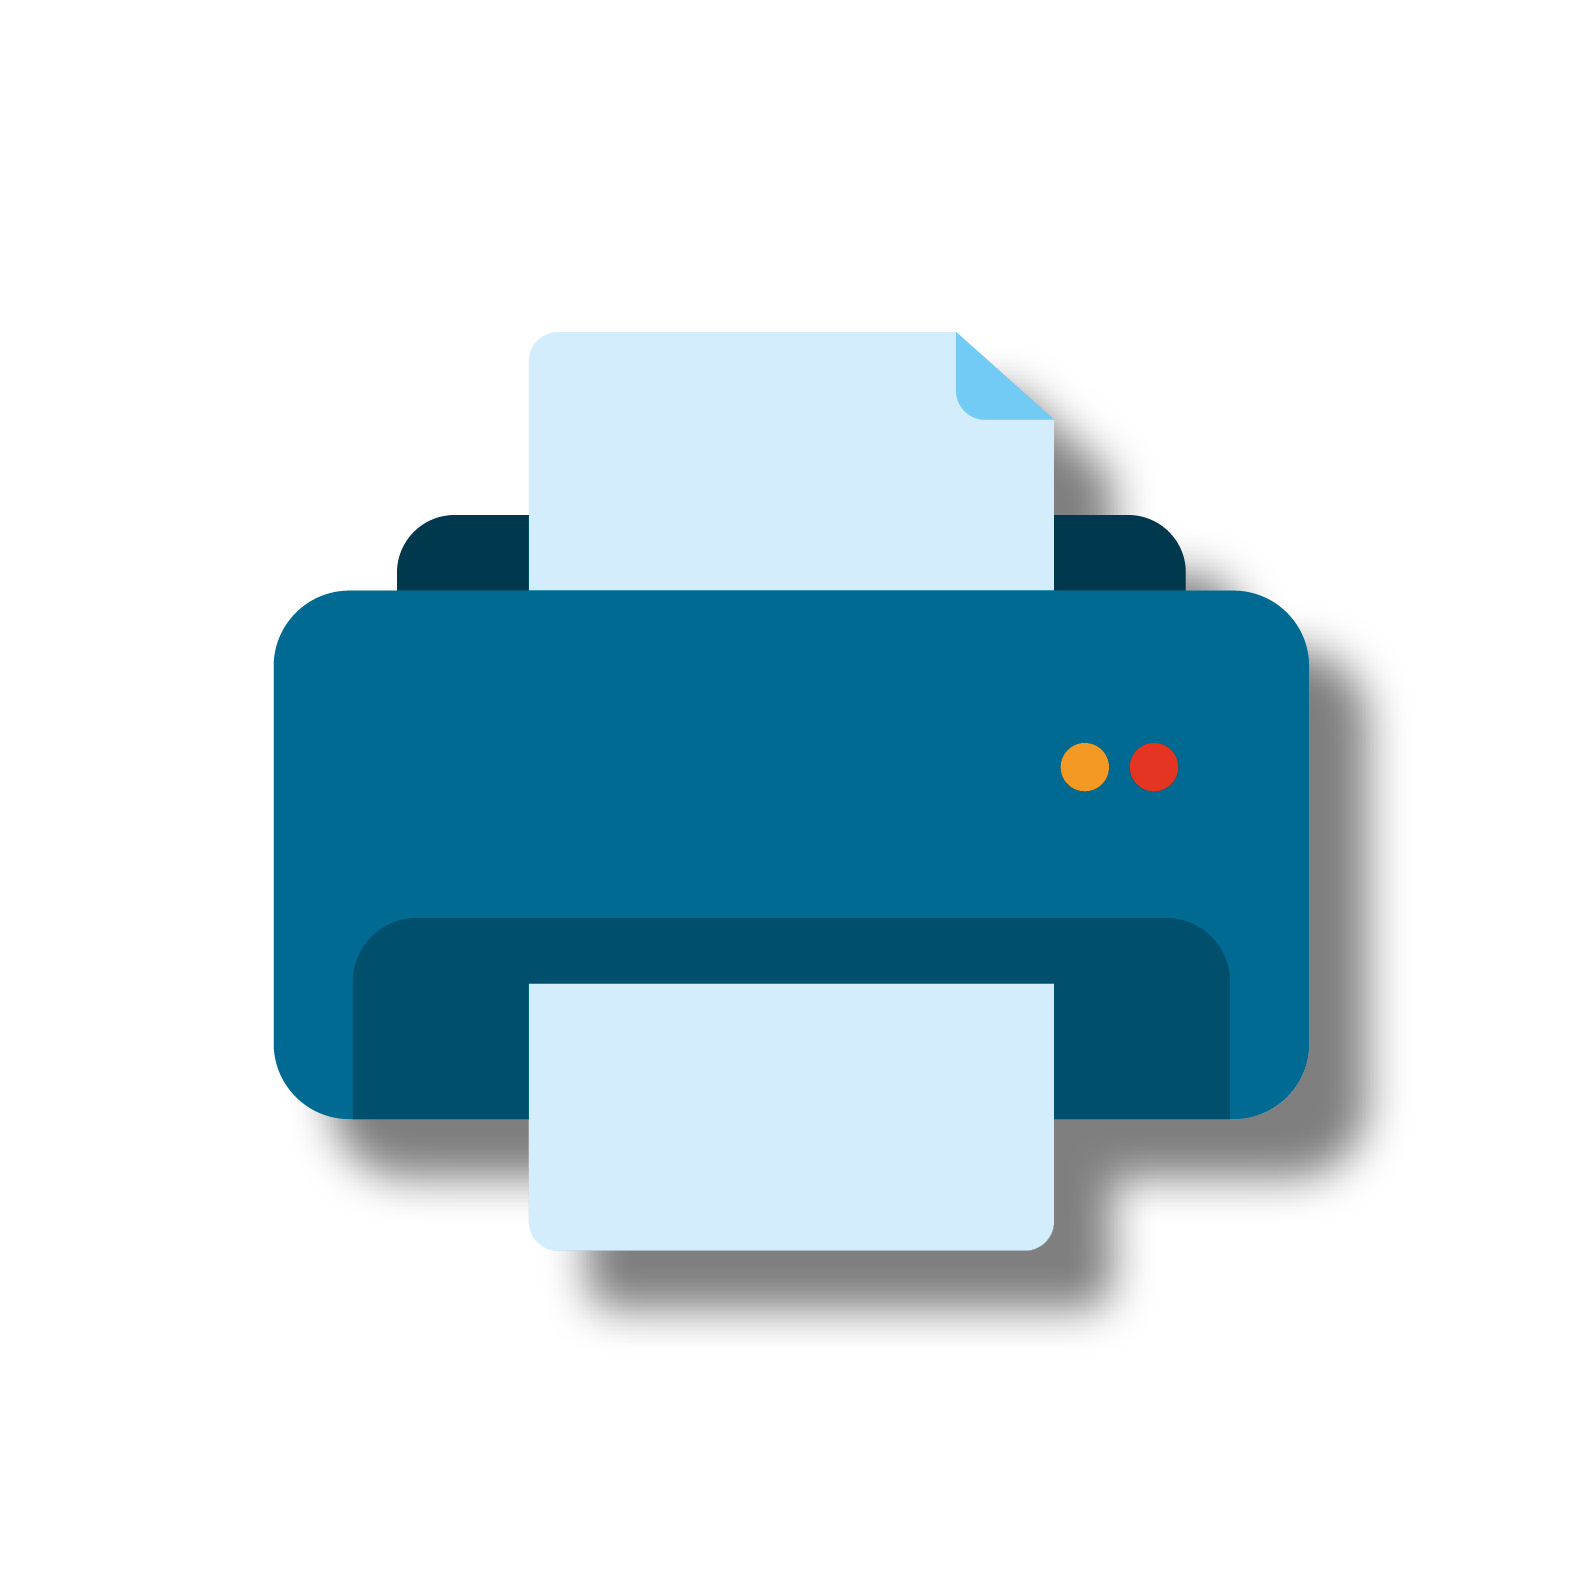 190 pixel image width